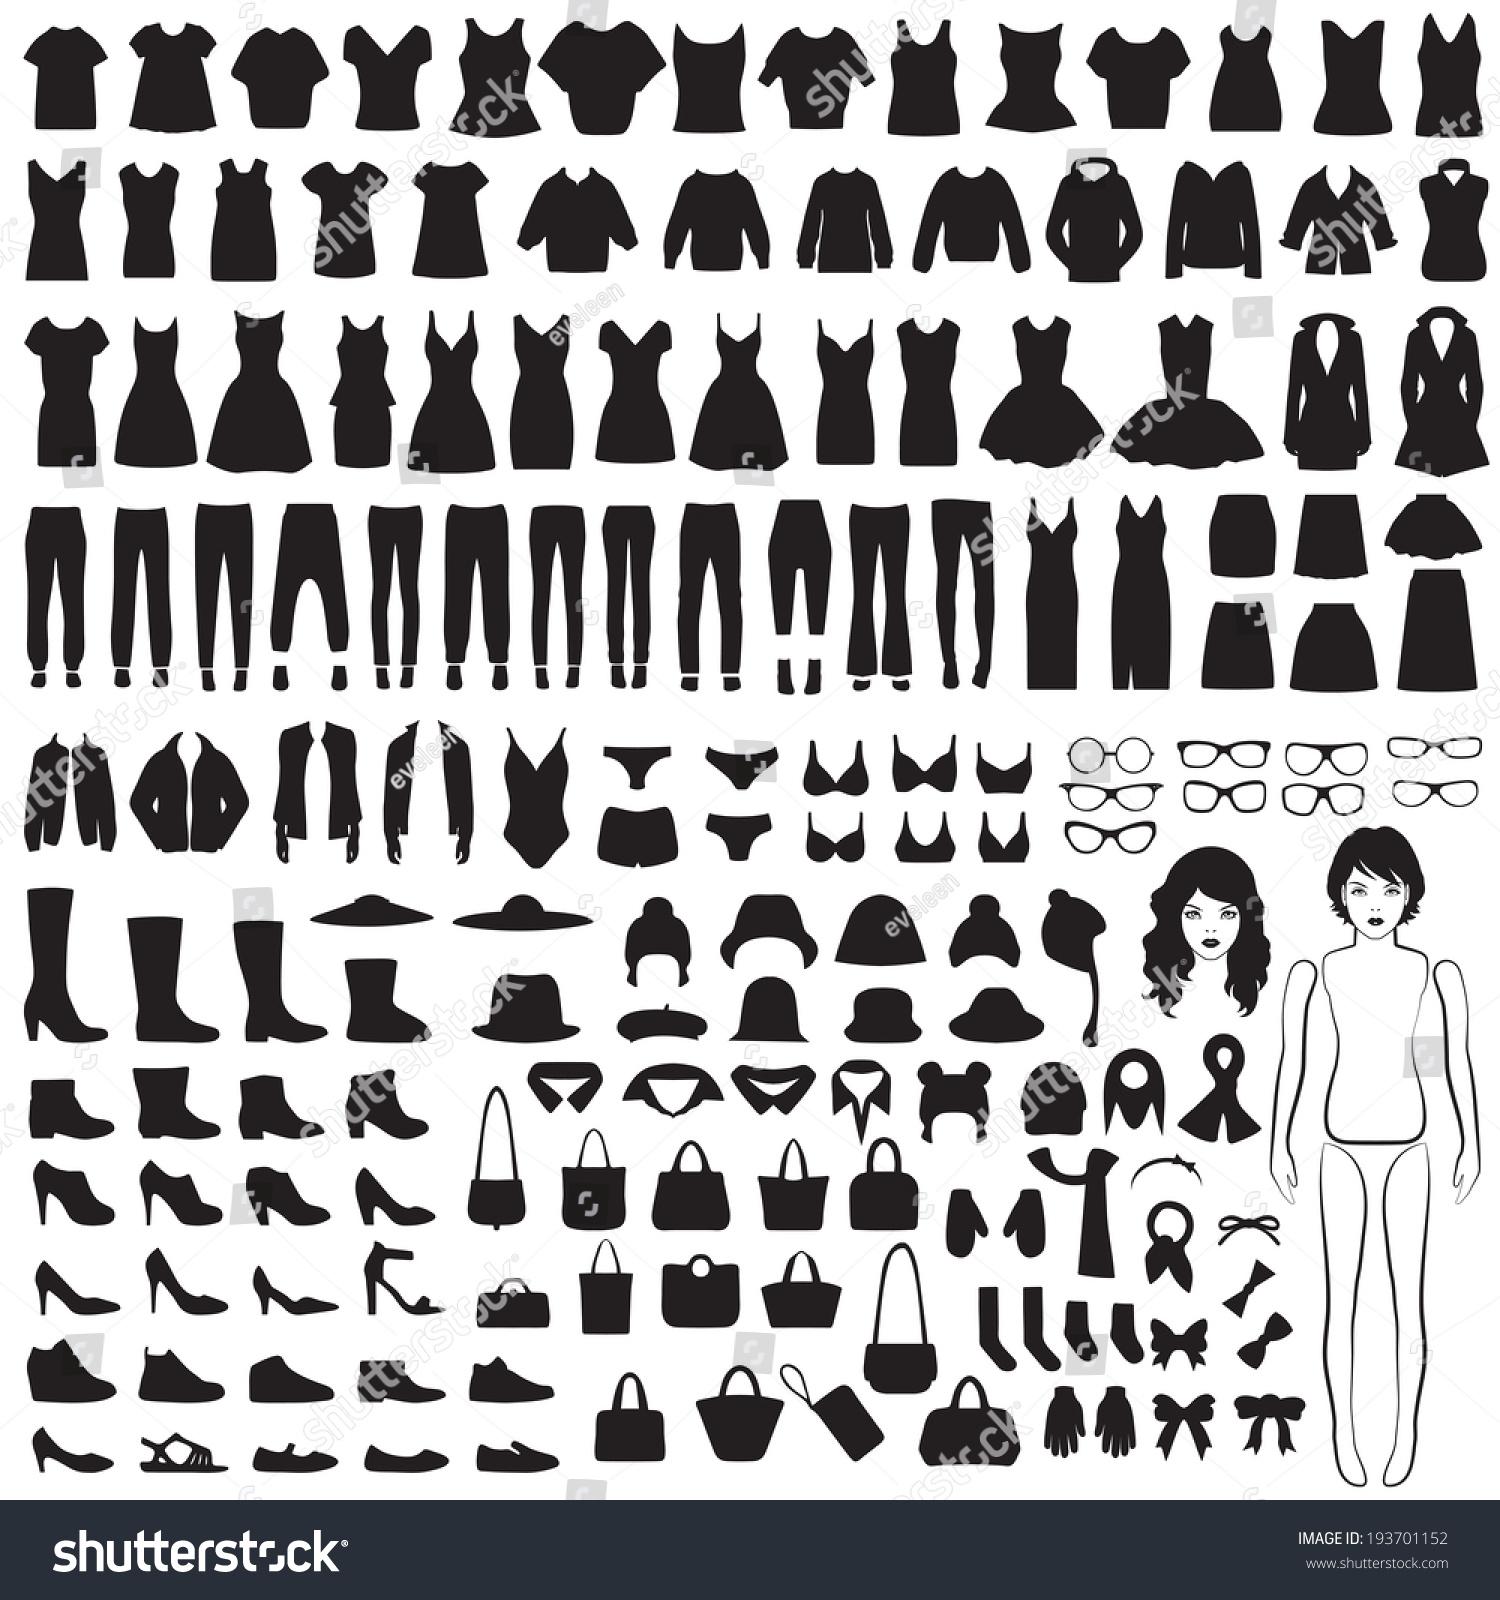 所属分类:       符号/标志美容/时装服饰 用途:商业用途   格式:矢量